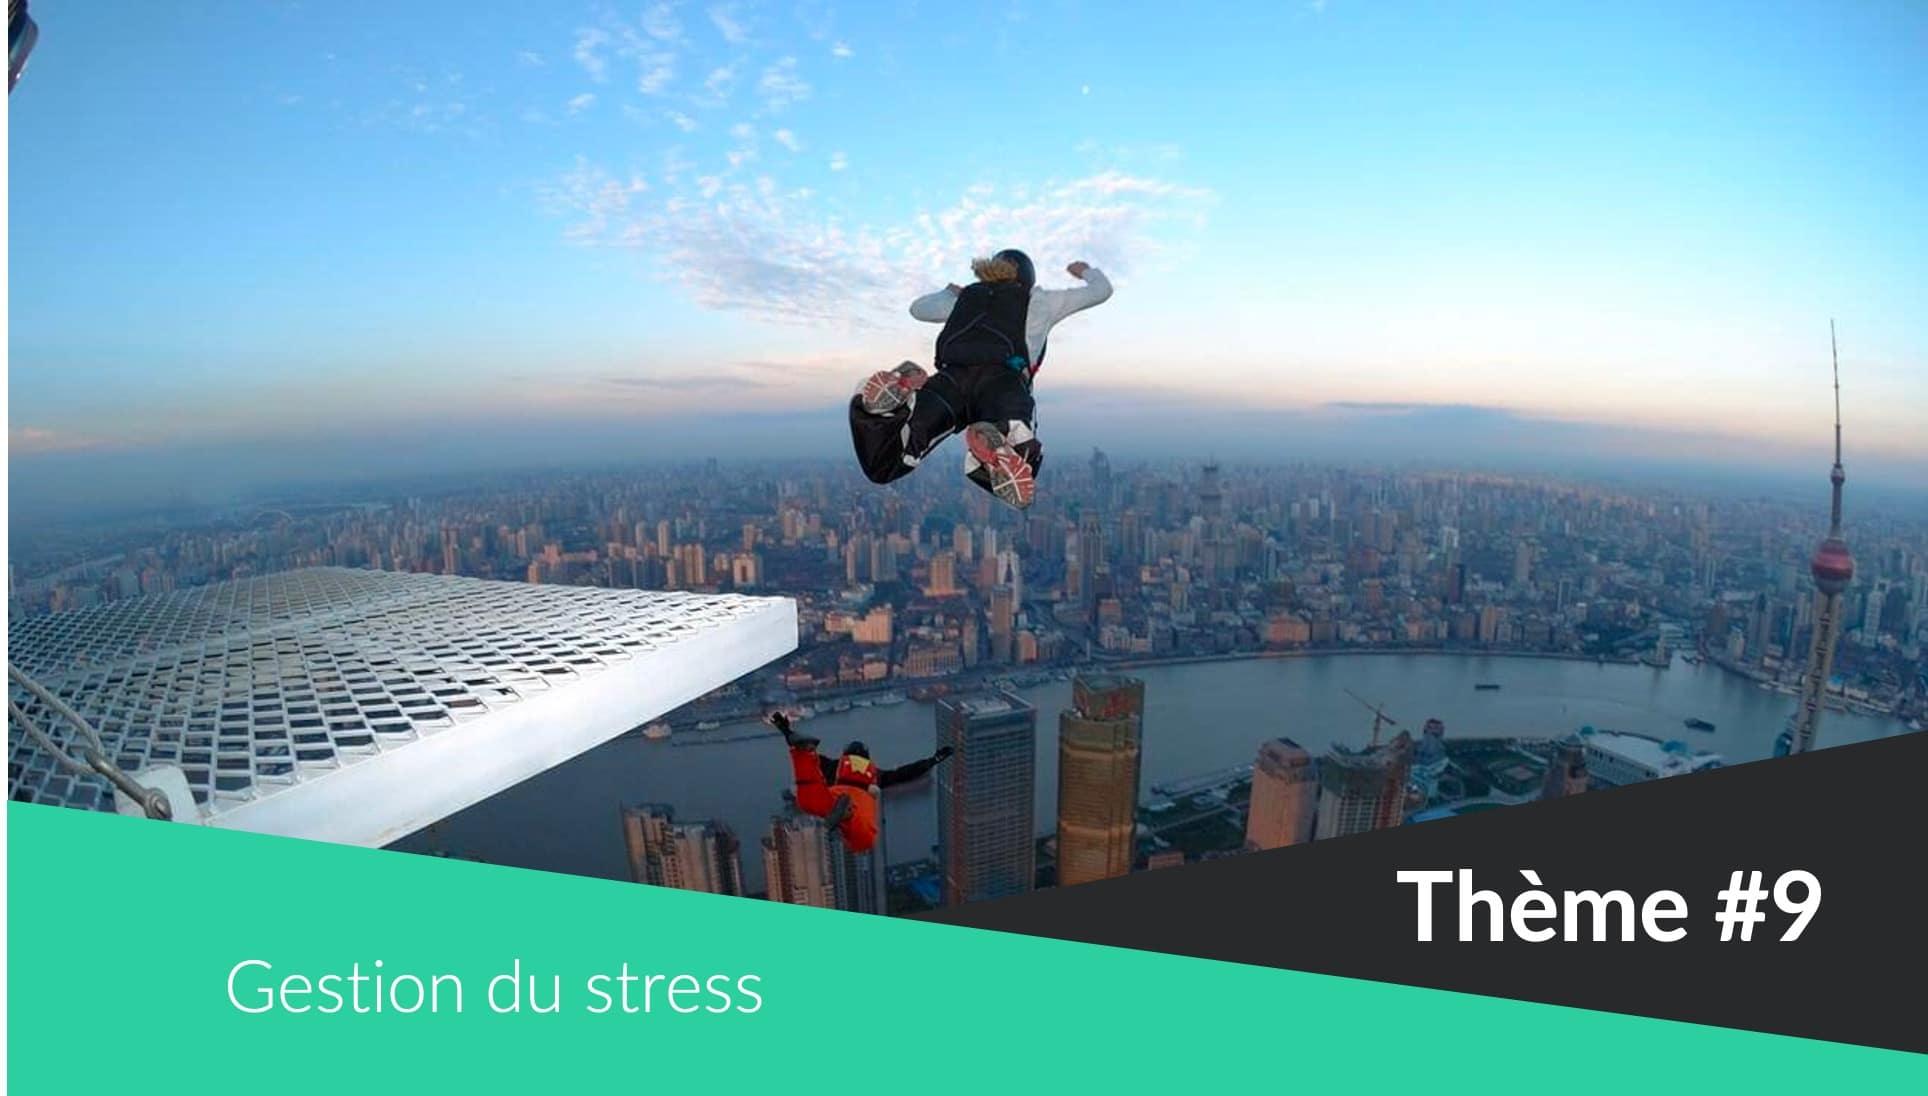 Thème - Gestion du stress